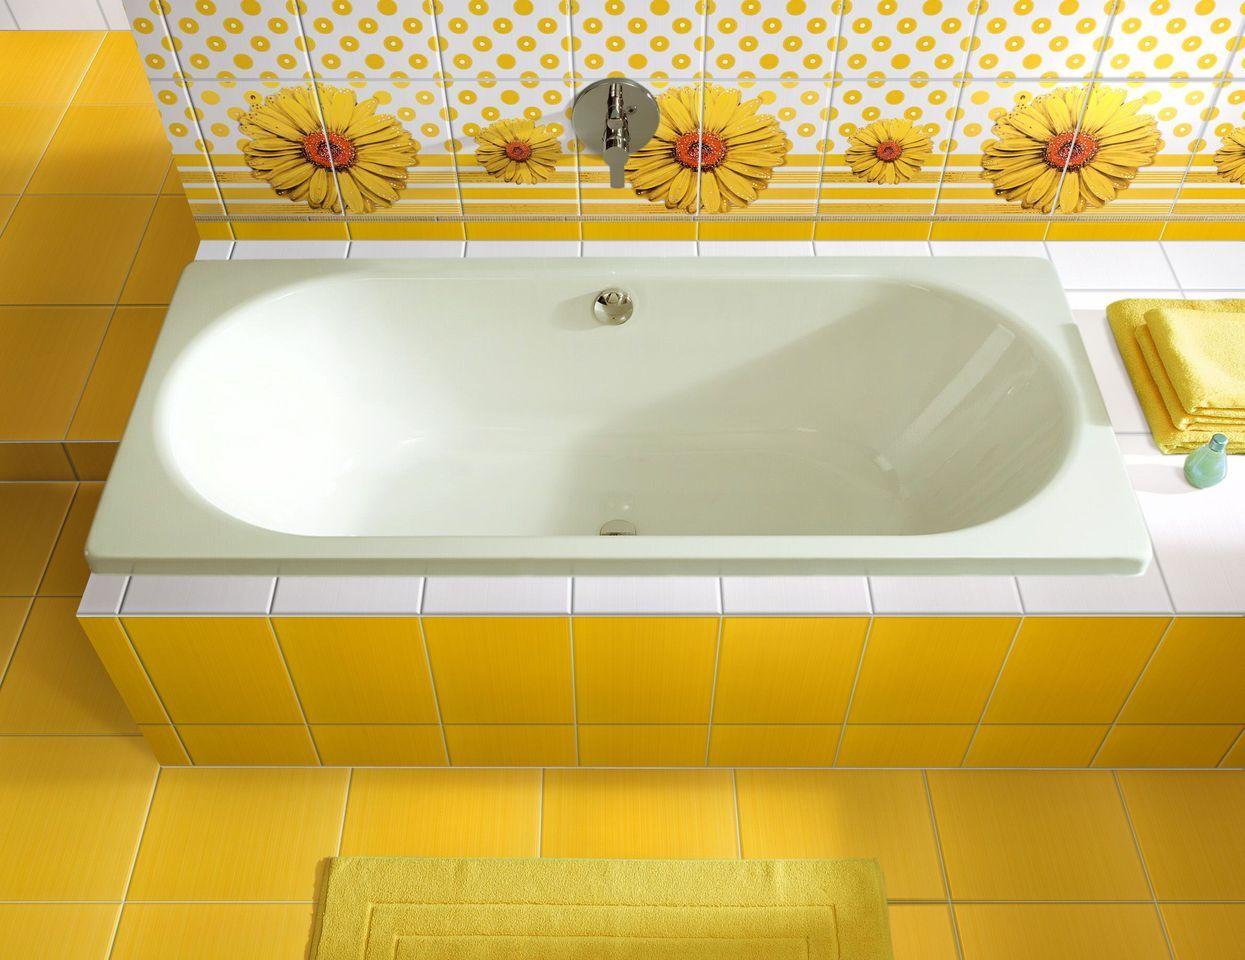 Желтая плитка в интерьере ванной